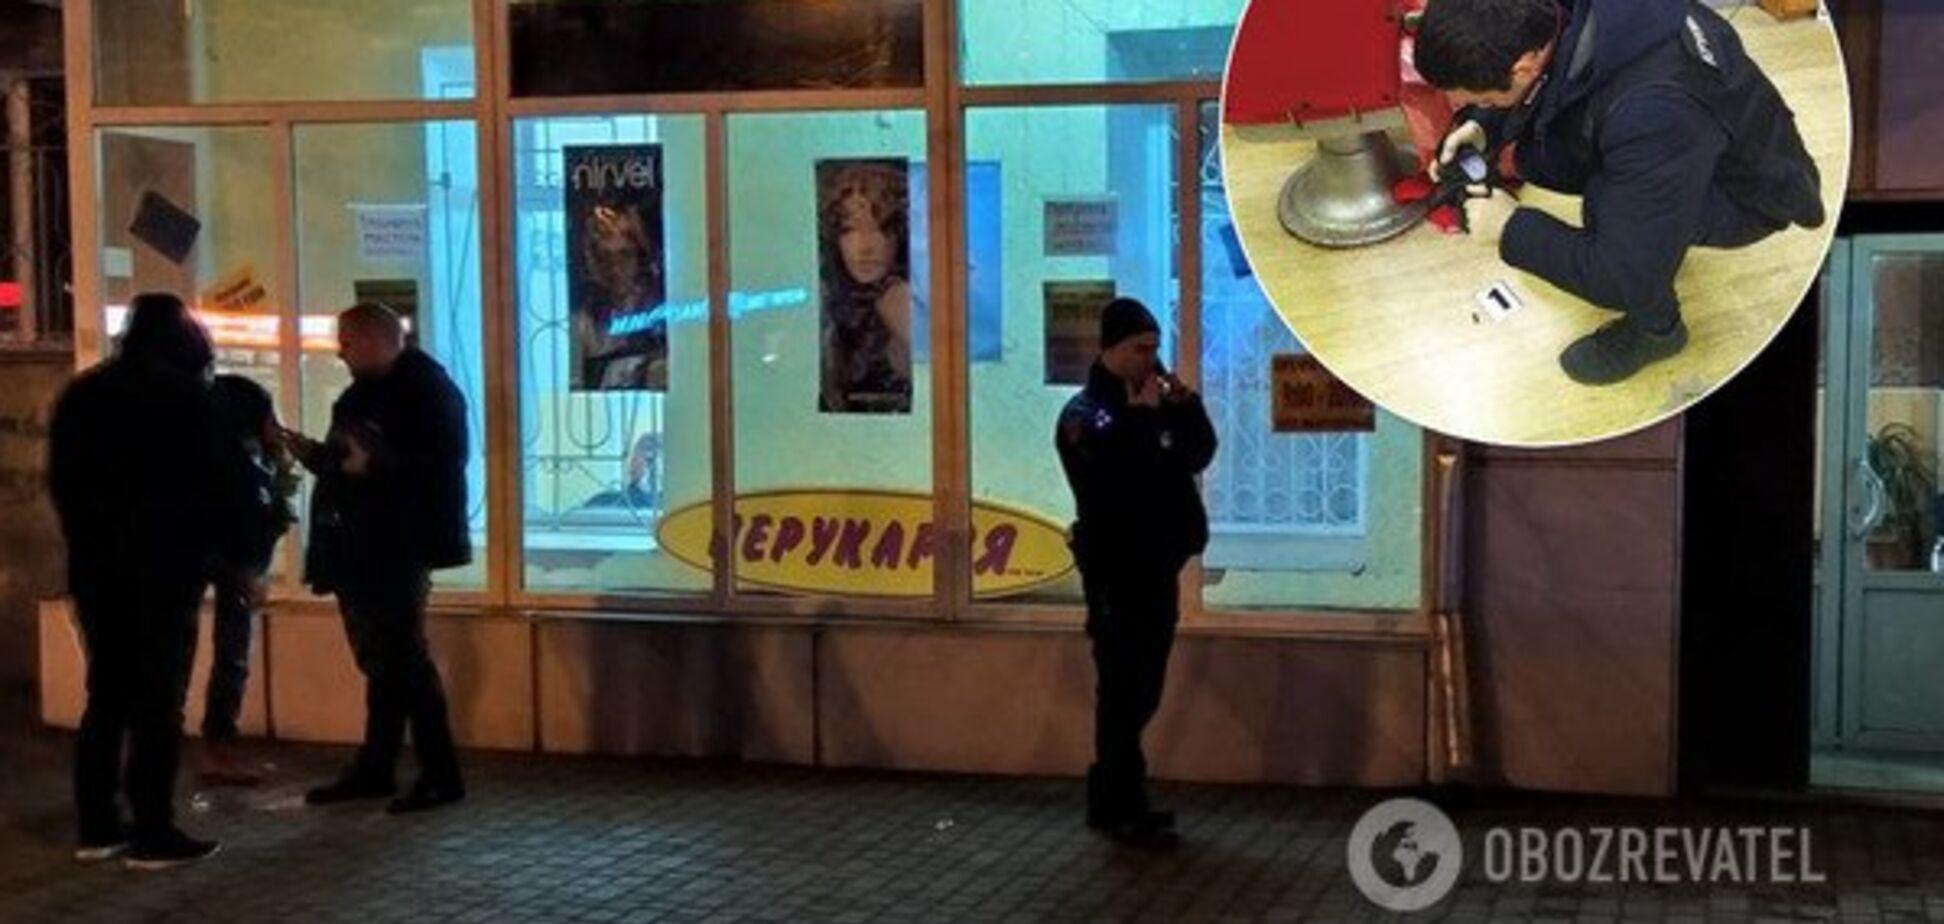 Появились данные о жертве стрельбы в парикмахерской Одессы